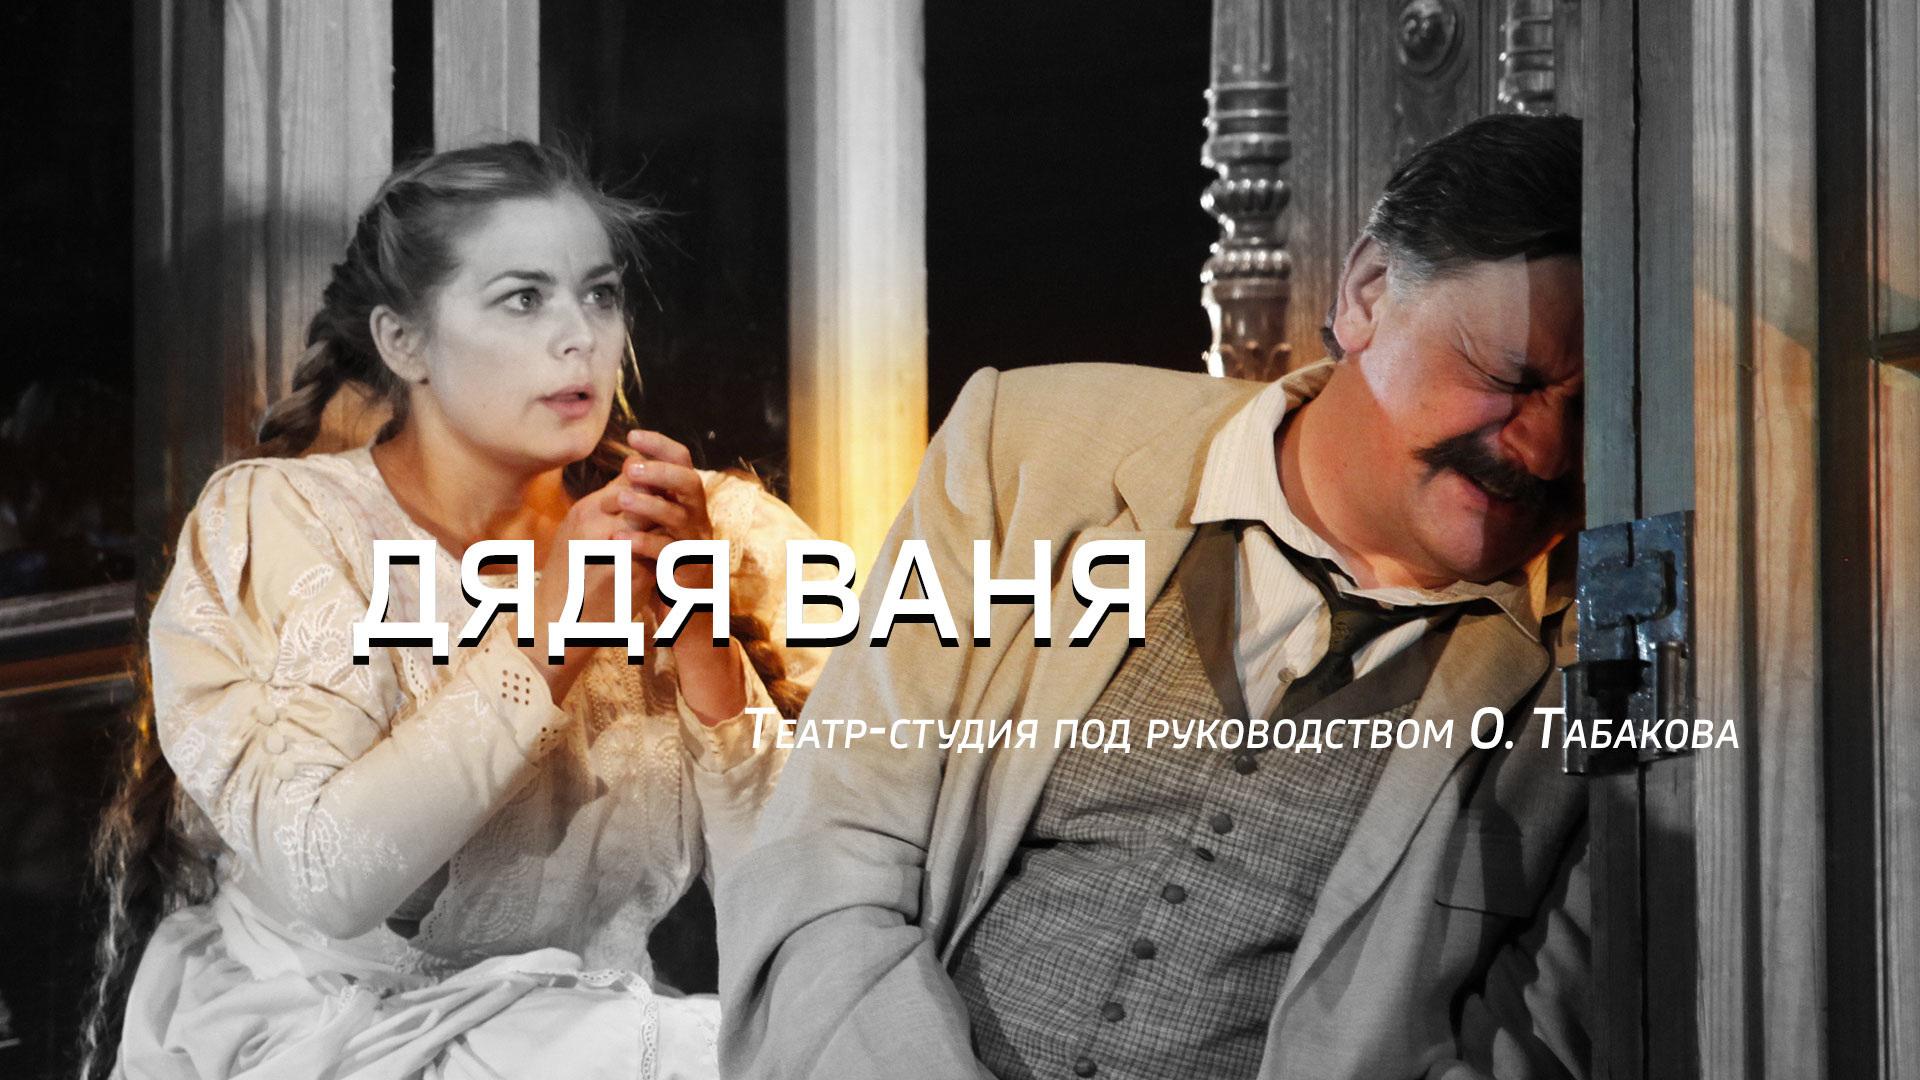 Дядя Ваня (Театр-студия под руководством О. Табакова)